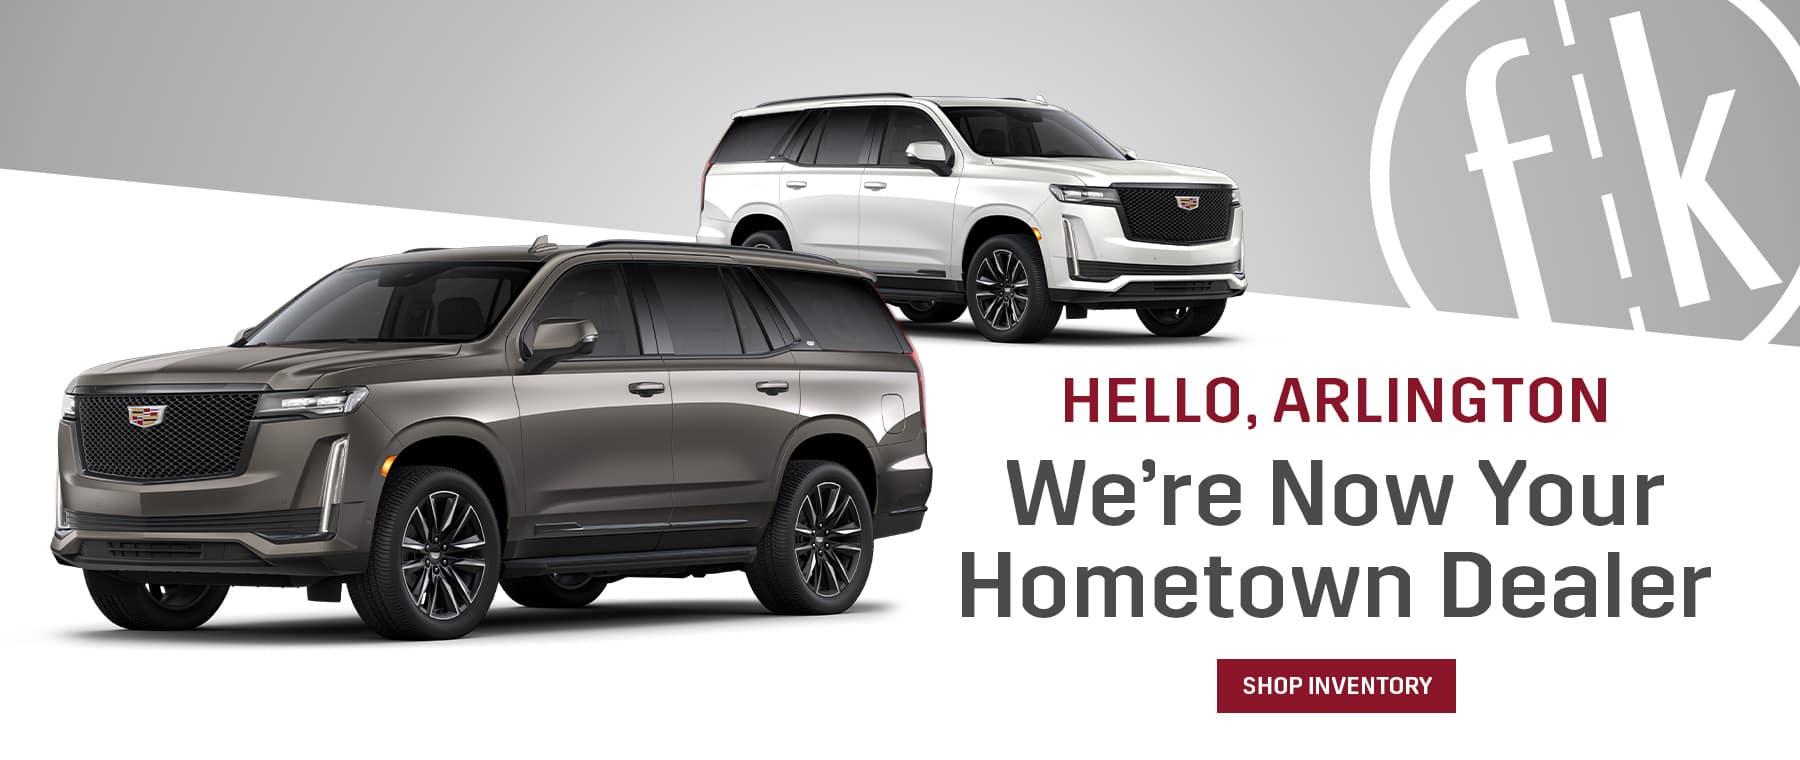 Hello Arlington! We're Now Your Hometown Dealer